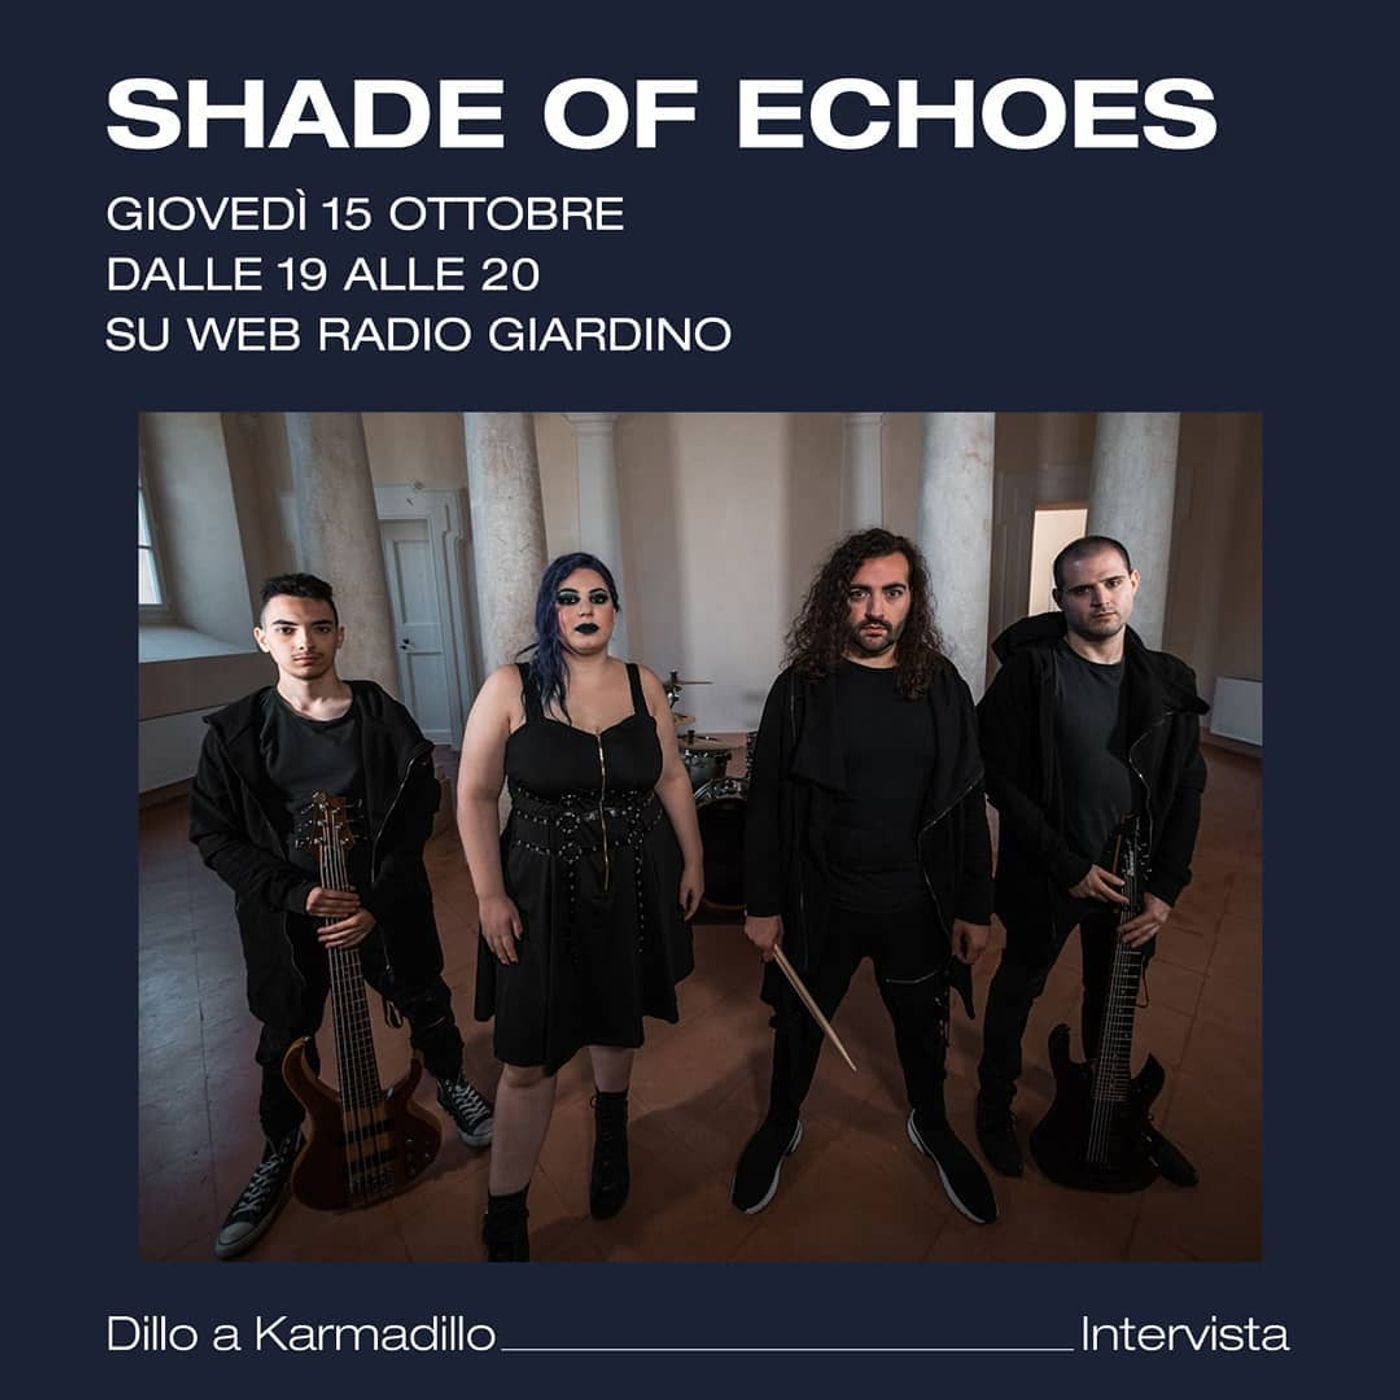 Shade Of Echoes: oltre i classici canoni dell'Heavy Metal - Dillo a Karmadillo - s04e01